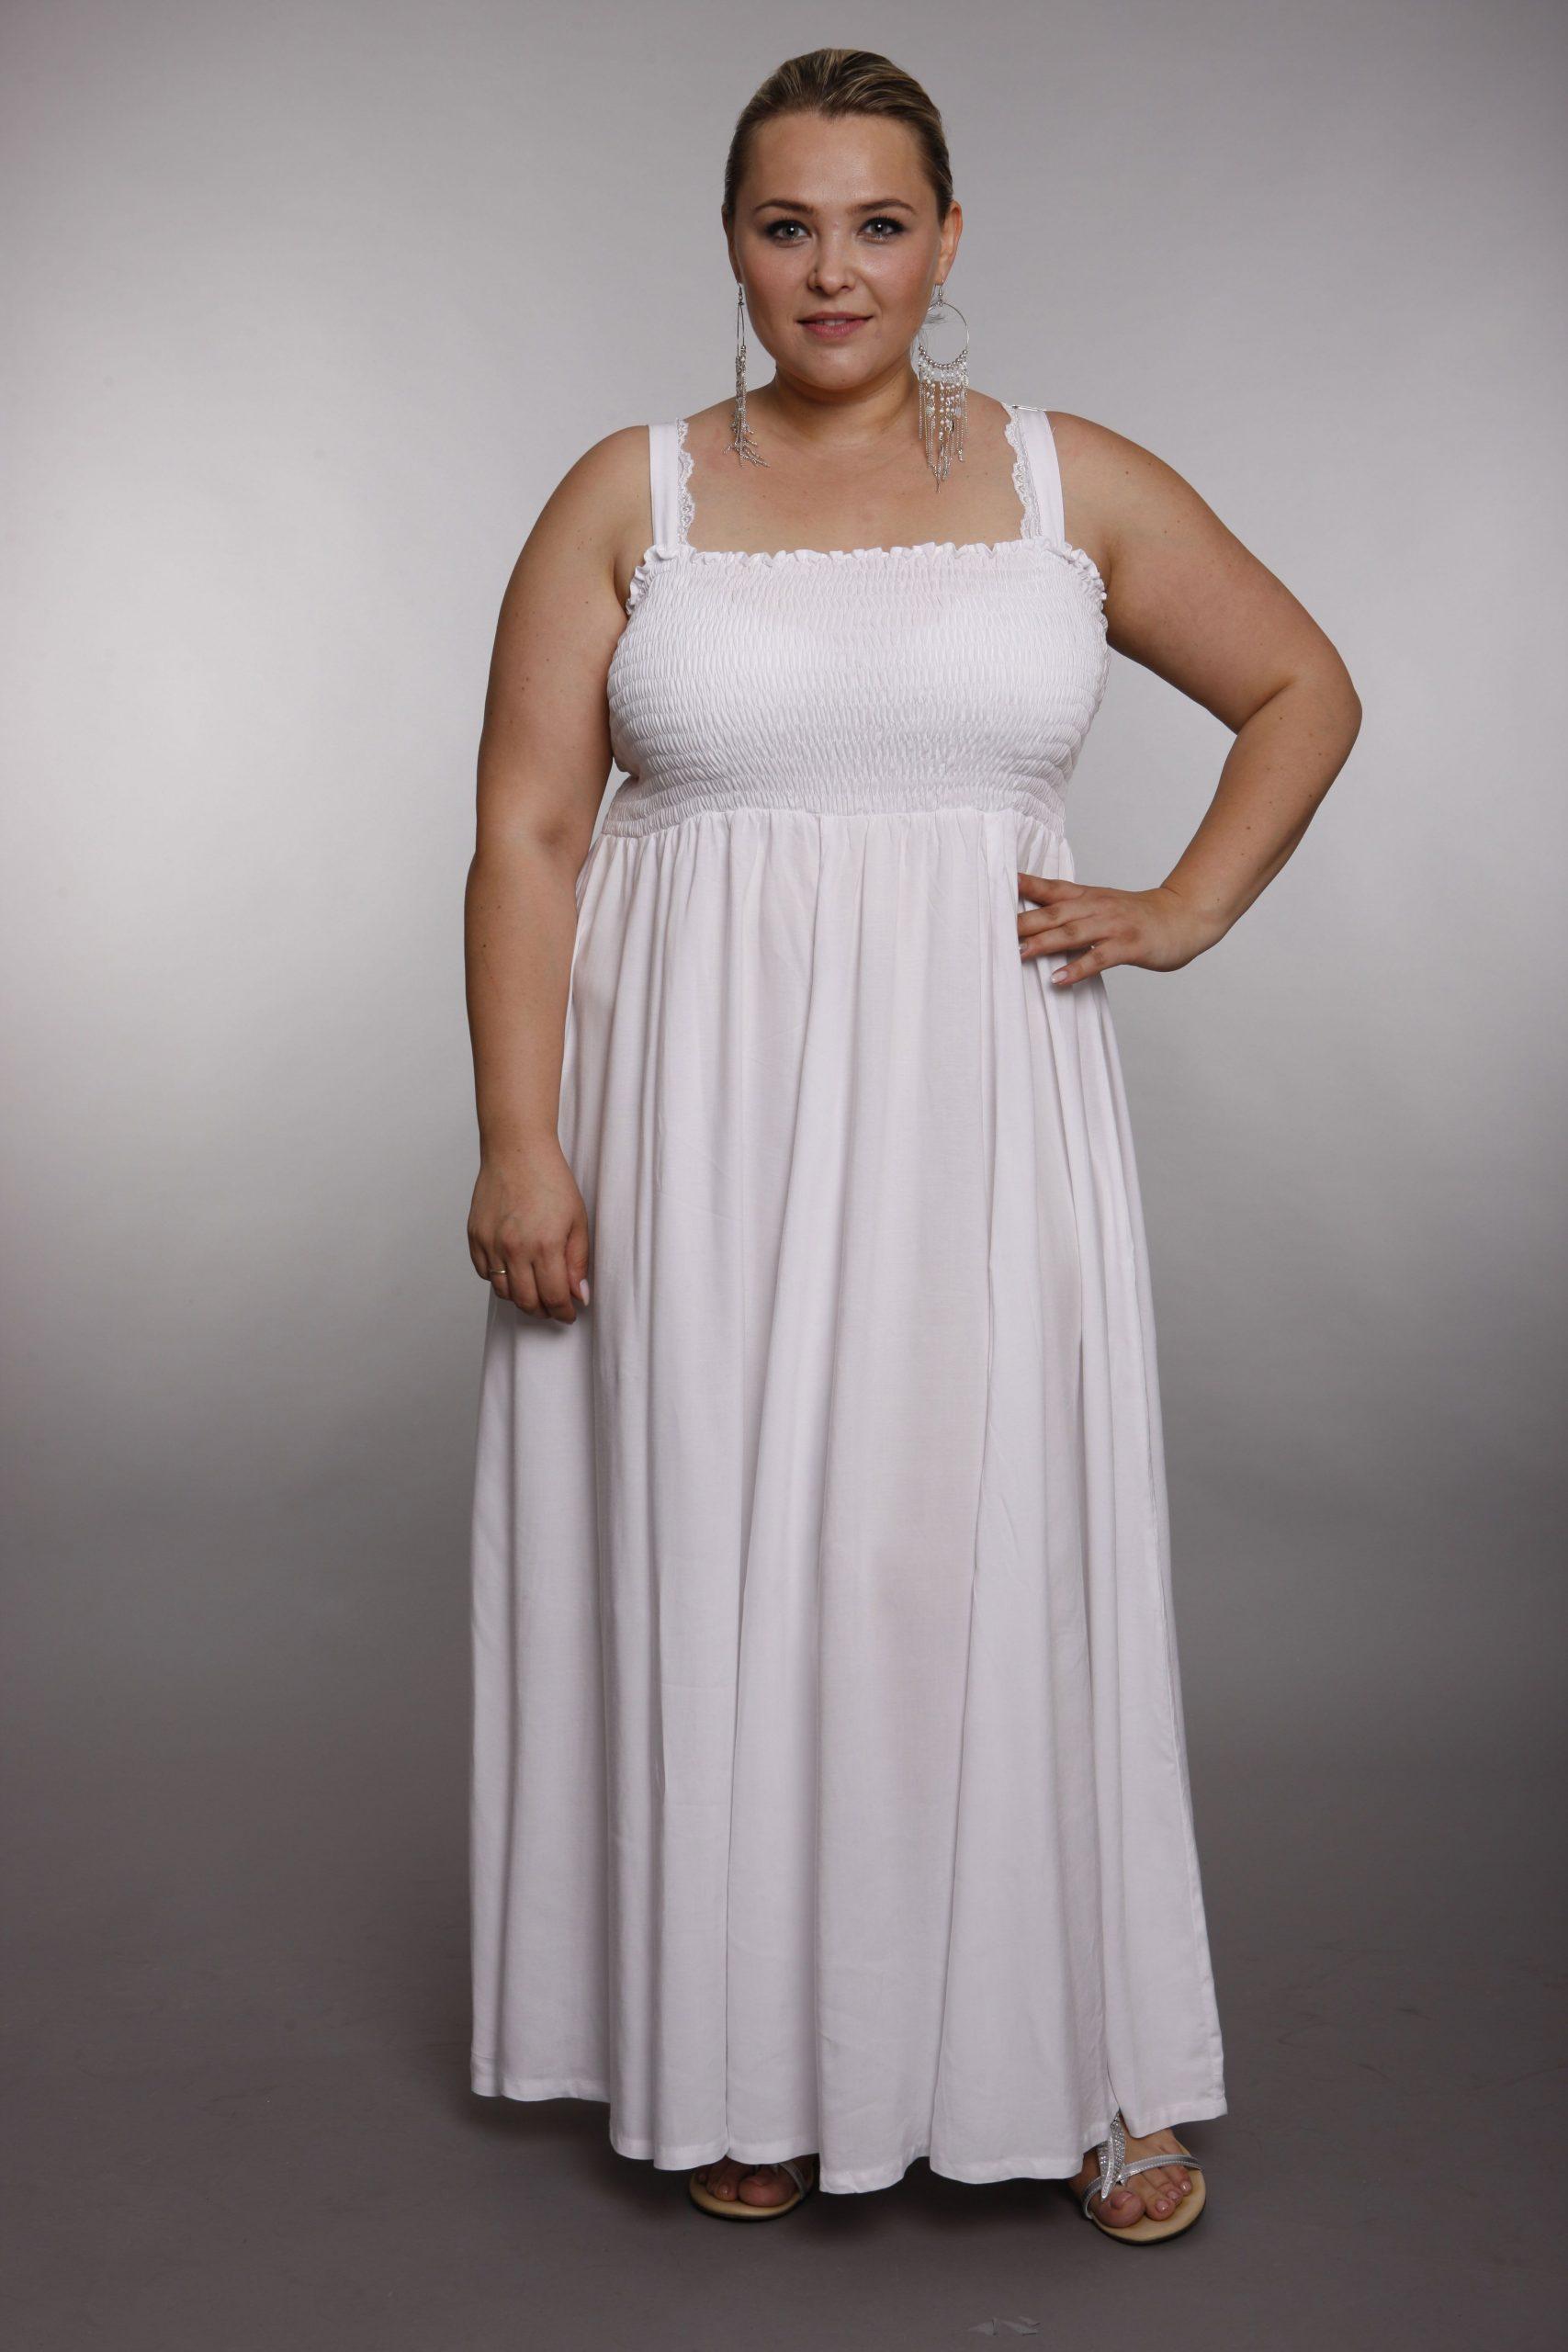 festliche kleider für mollige zur hochzeit - abendkleid